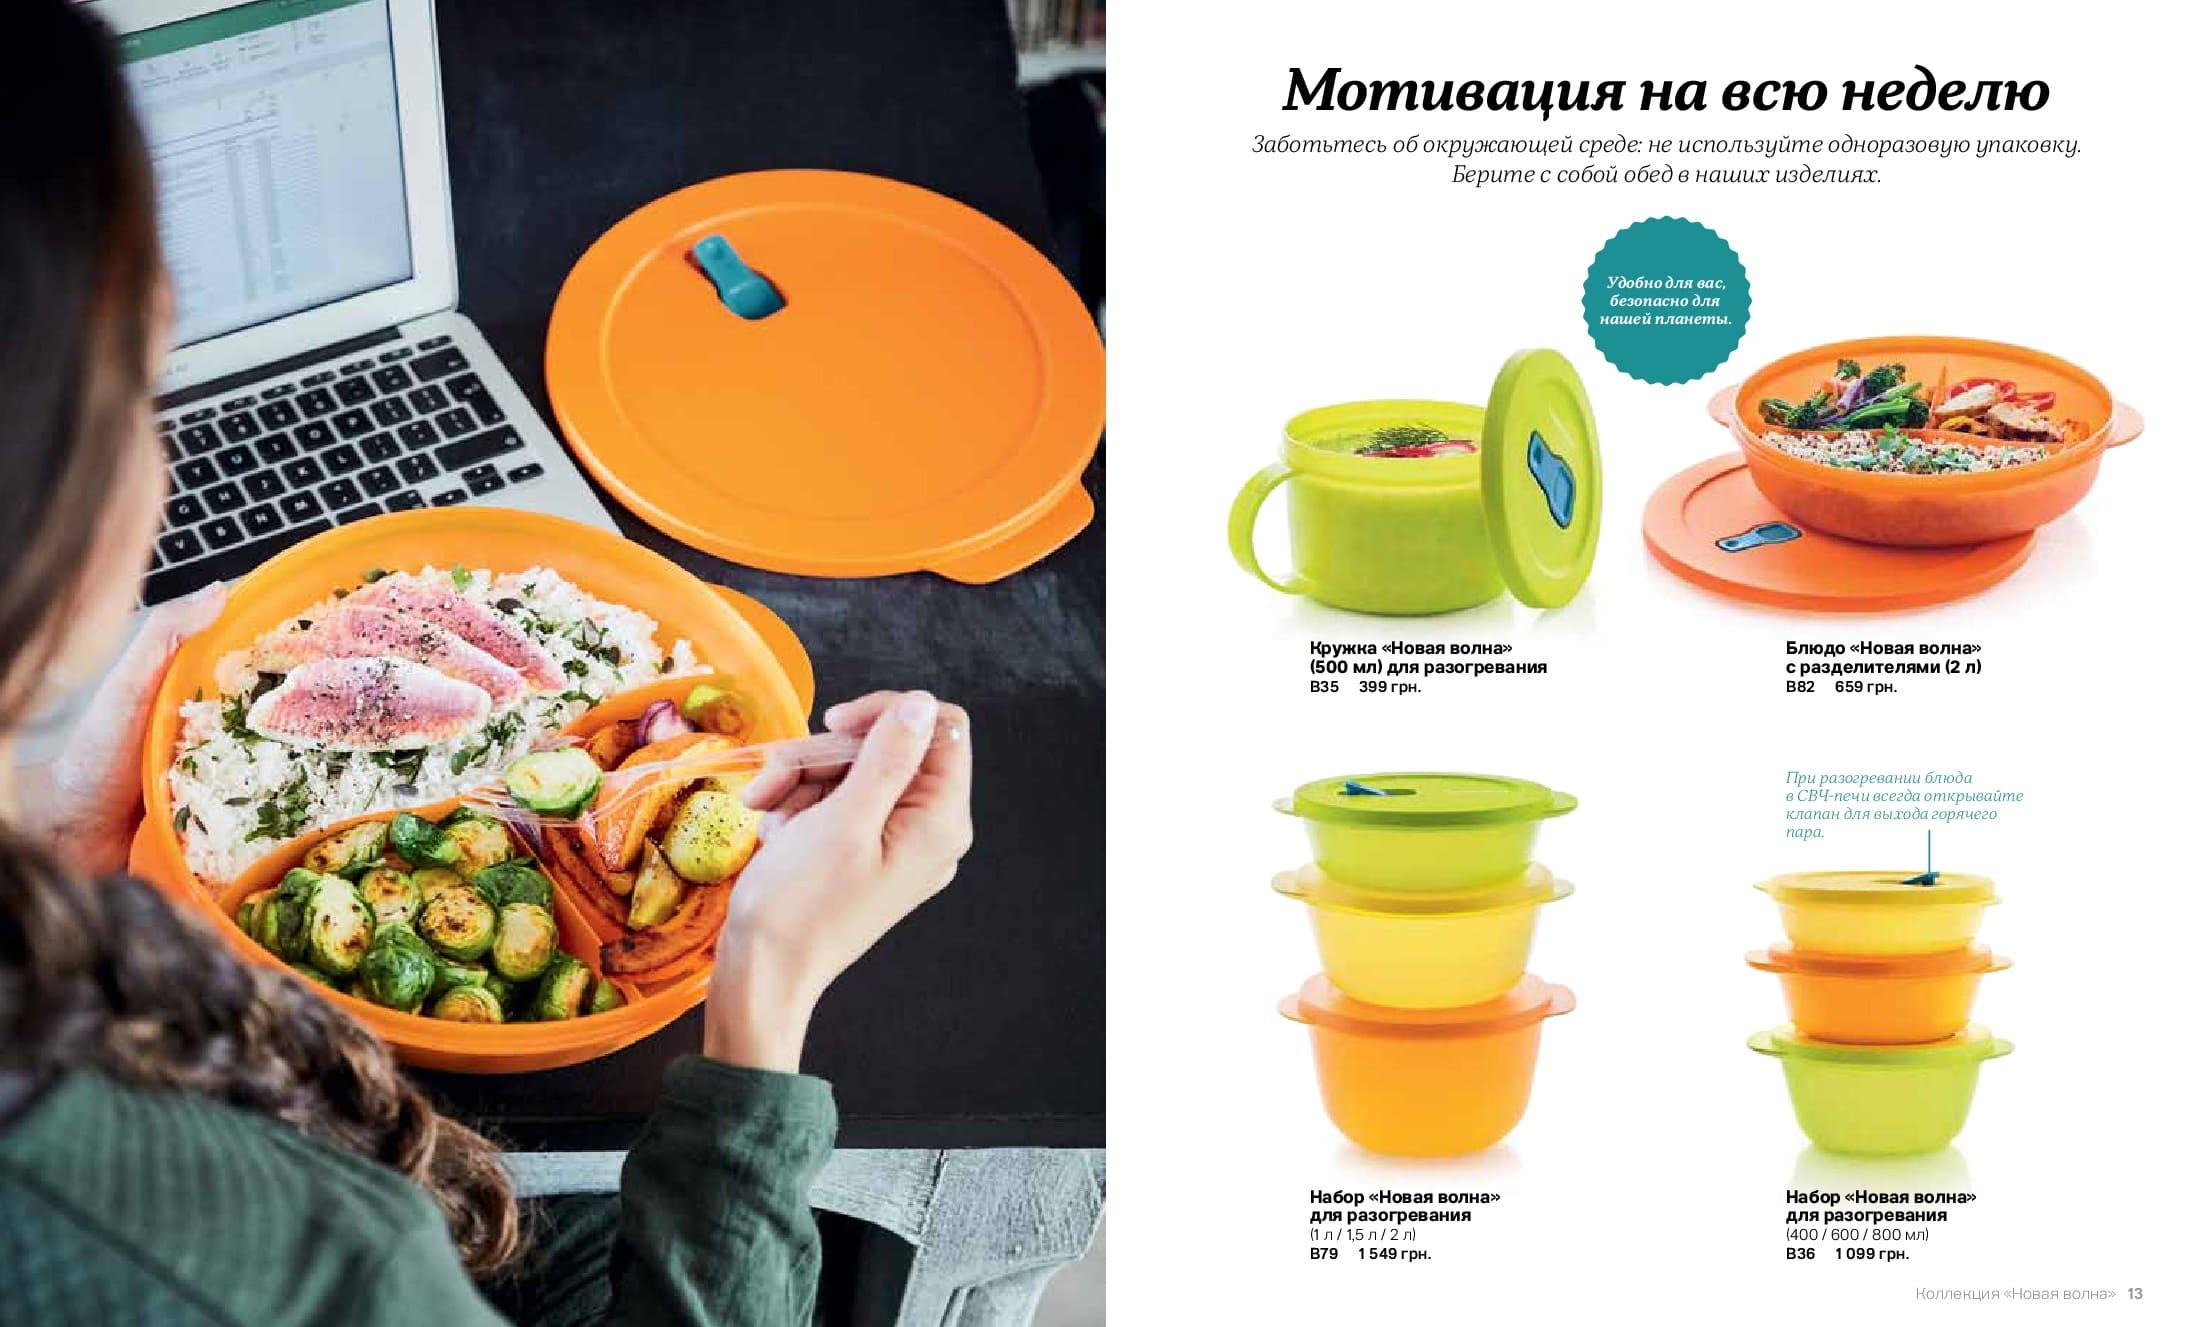 Изделия Новая волна – это многофункциональное решение, которое позволит Вам хранить блюда в холодильнике, брать с собой и разогревать на месте в микроволновой печи, а также сервировать блюда на столе, а также использовать при сервировке стола.